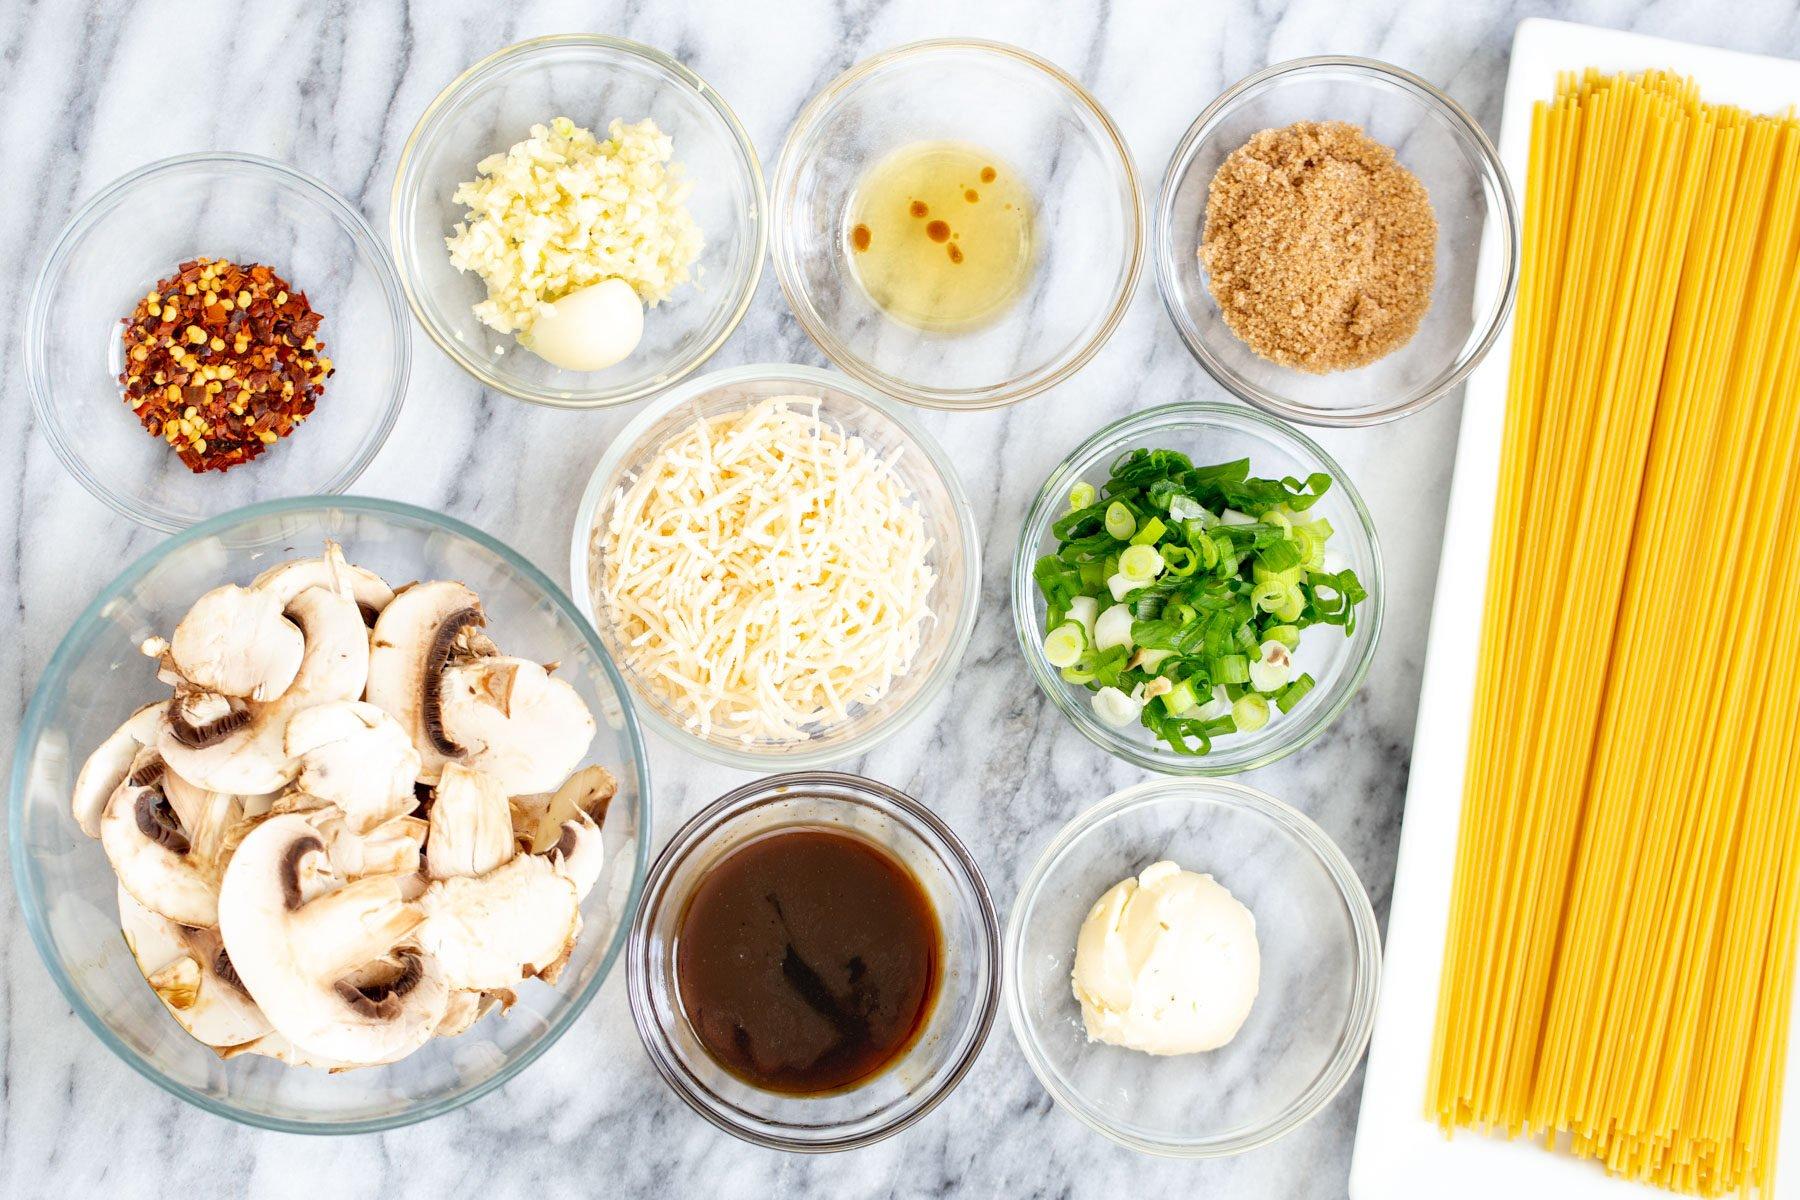 ingredients for vegan garlic noodles